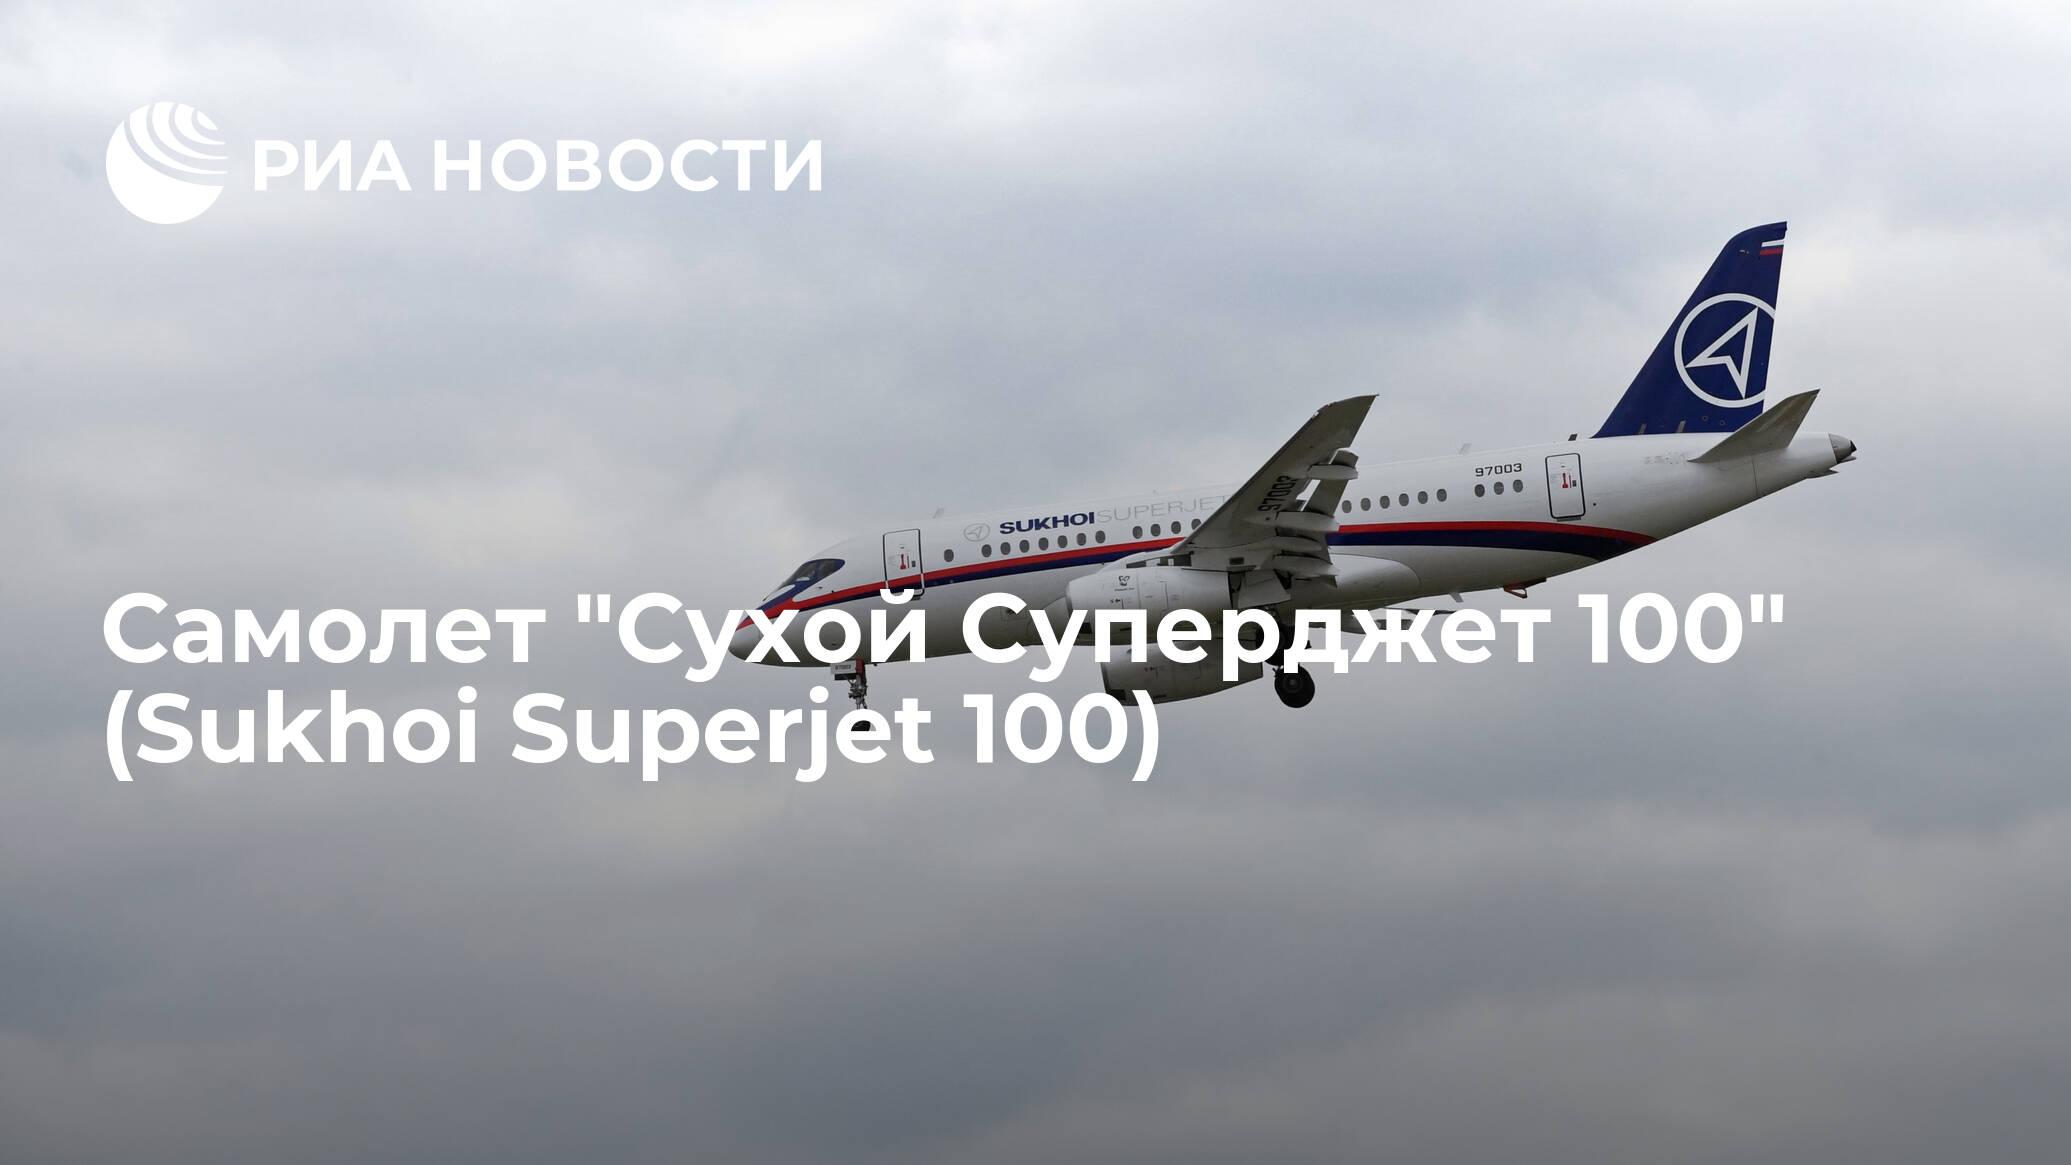 Транспортный блог Saroavto: Авиакомпания «Ямал» получила два ... | 583x1036